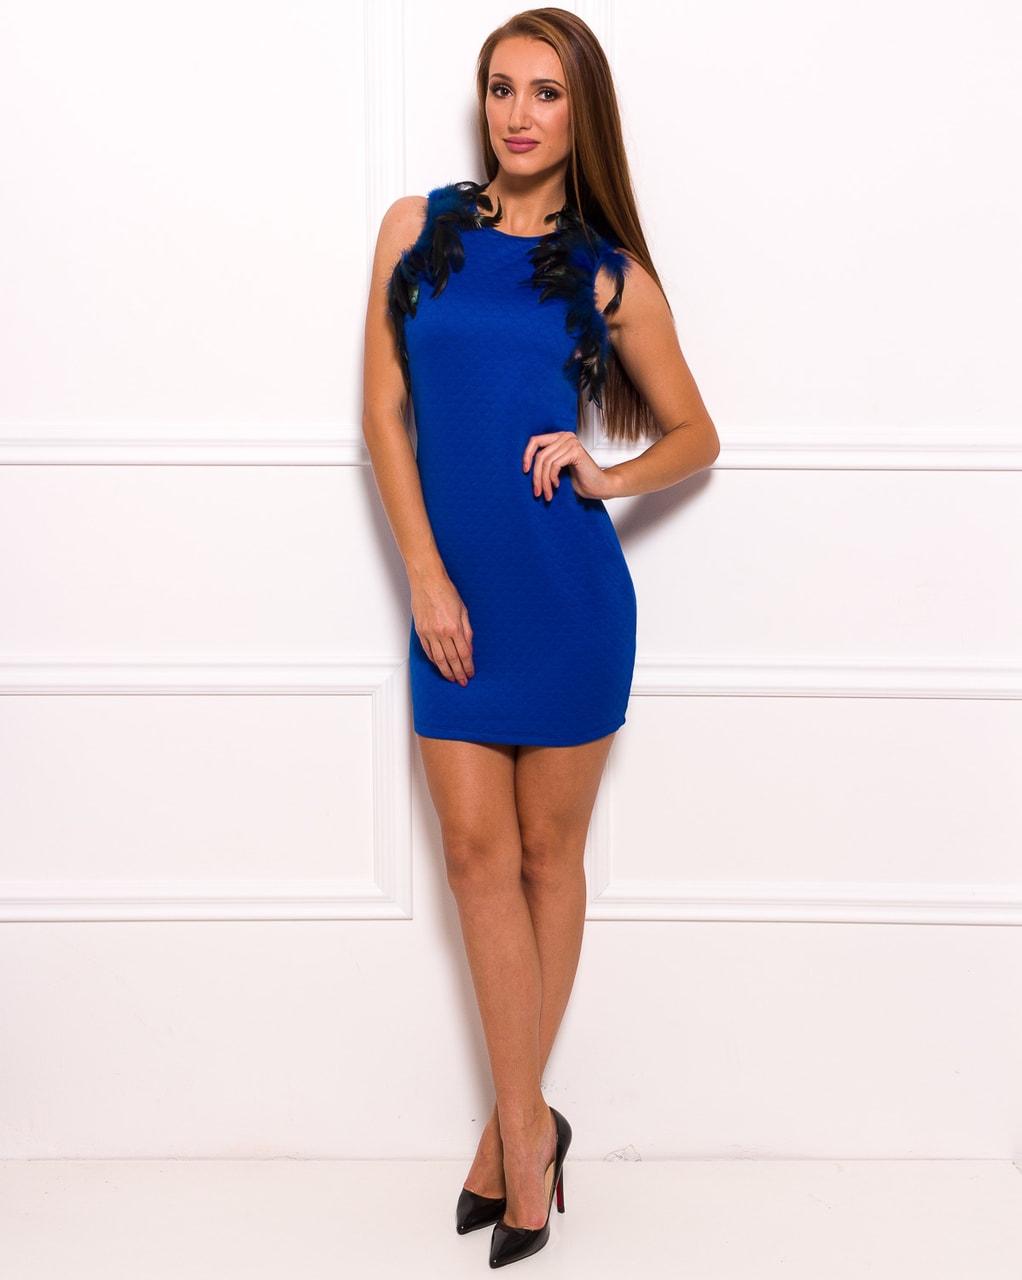 e245da55c641 Glamadise.sk - Dámske elegantné modré šaty s perím - Party šaty ...